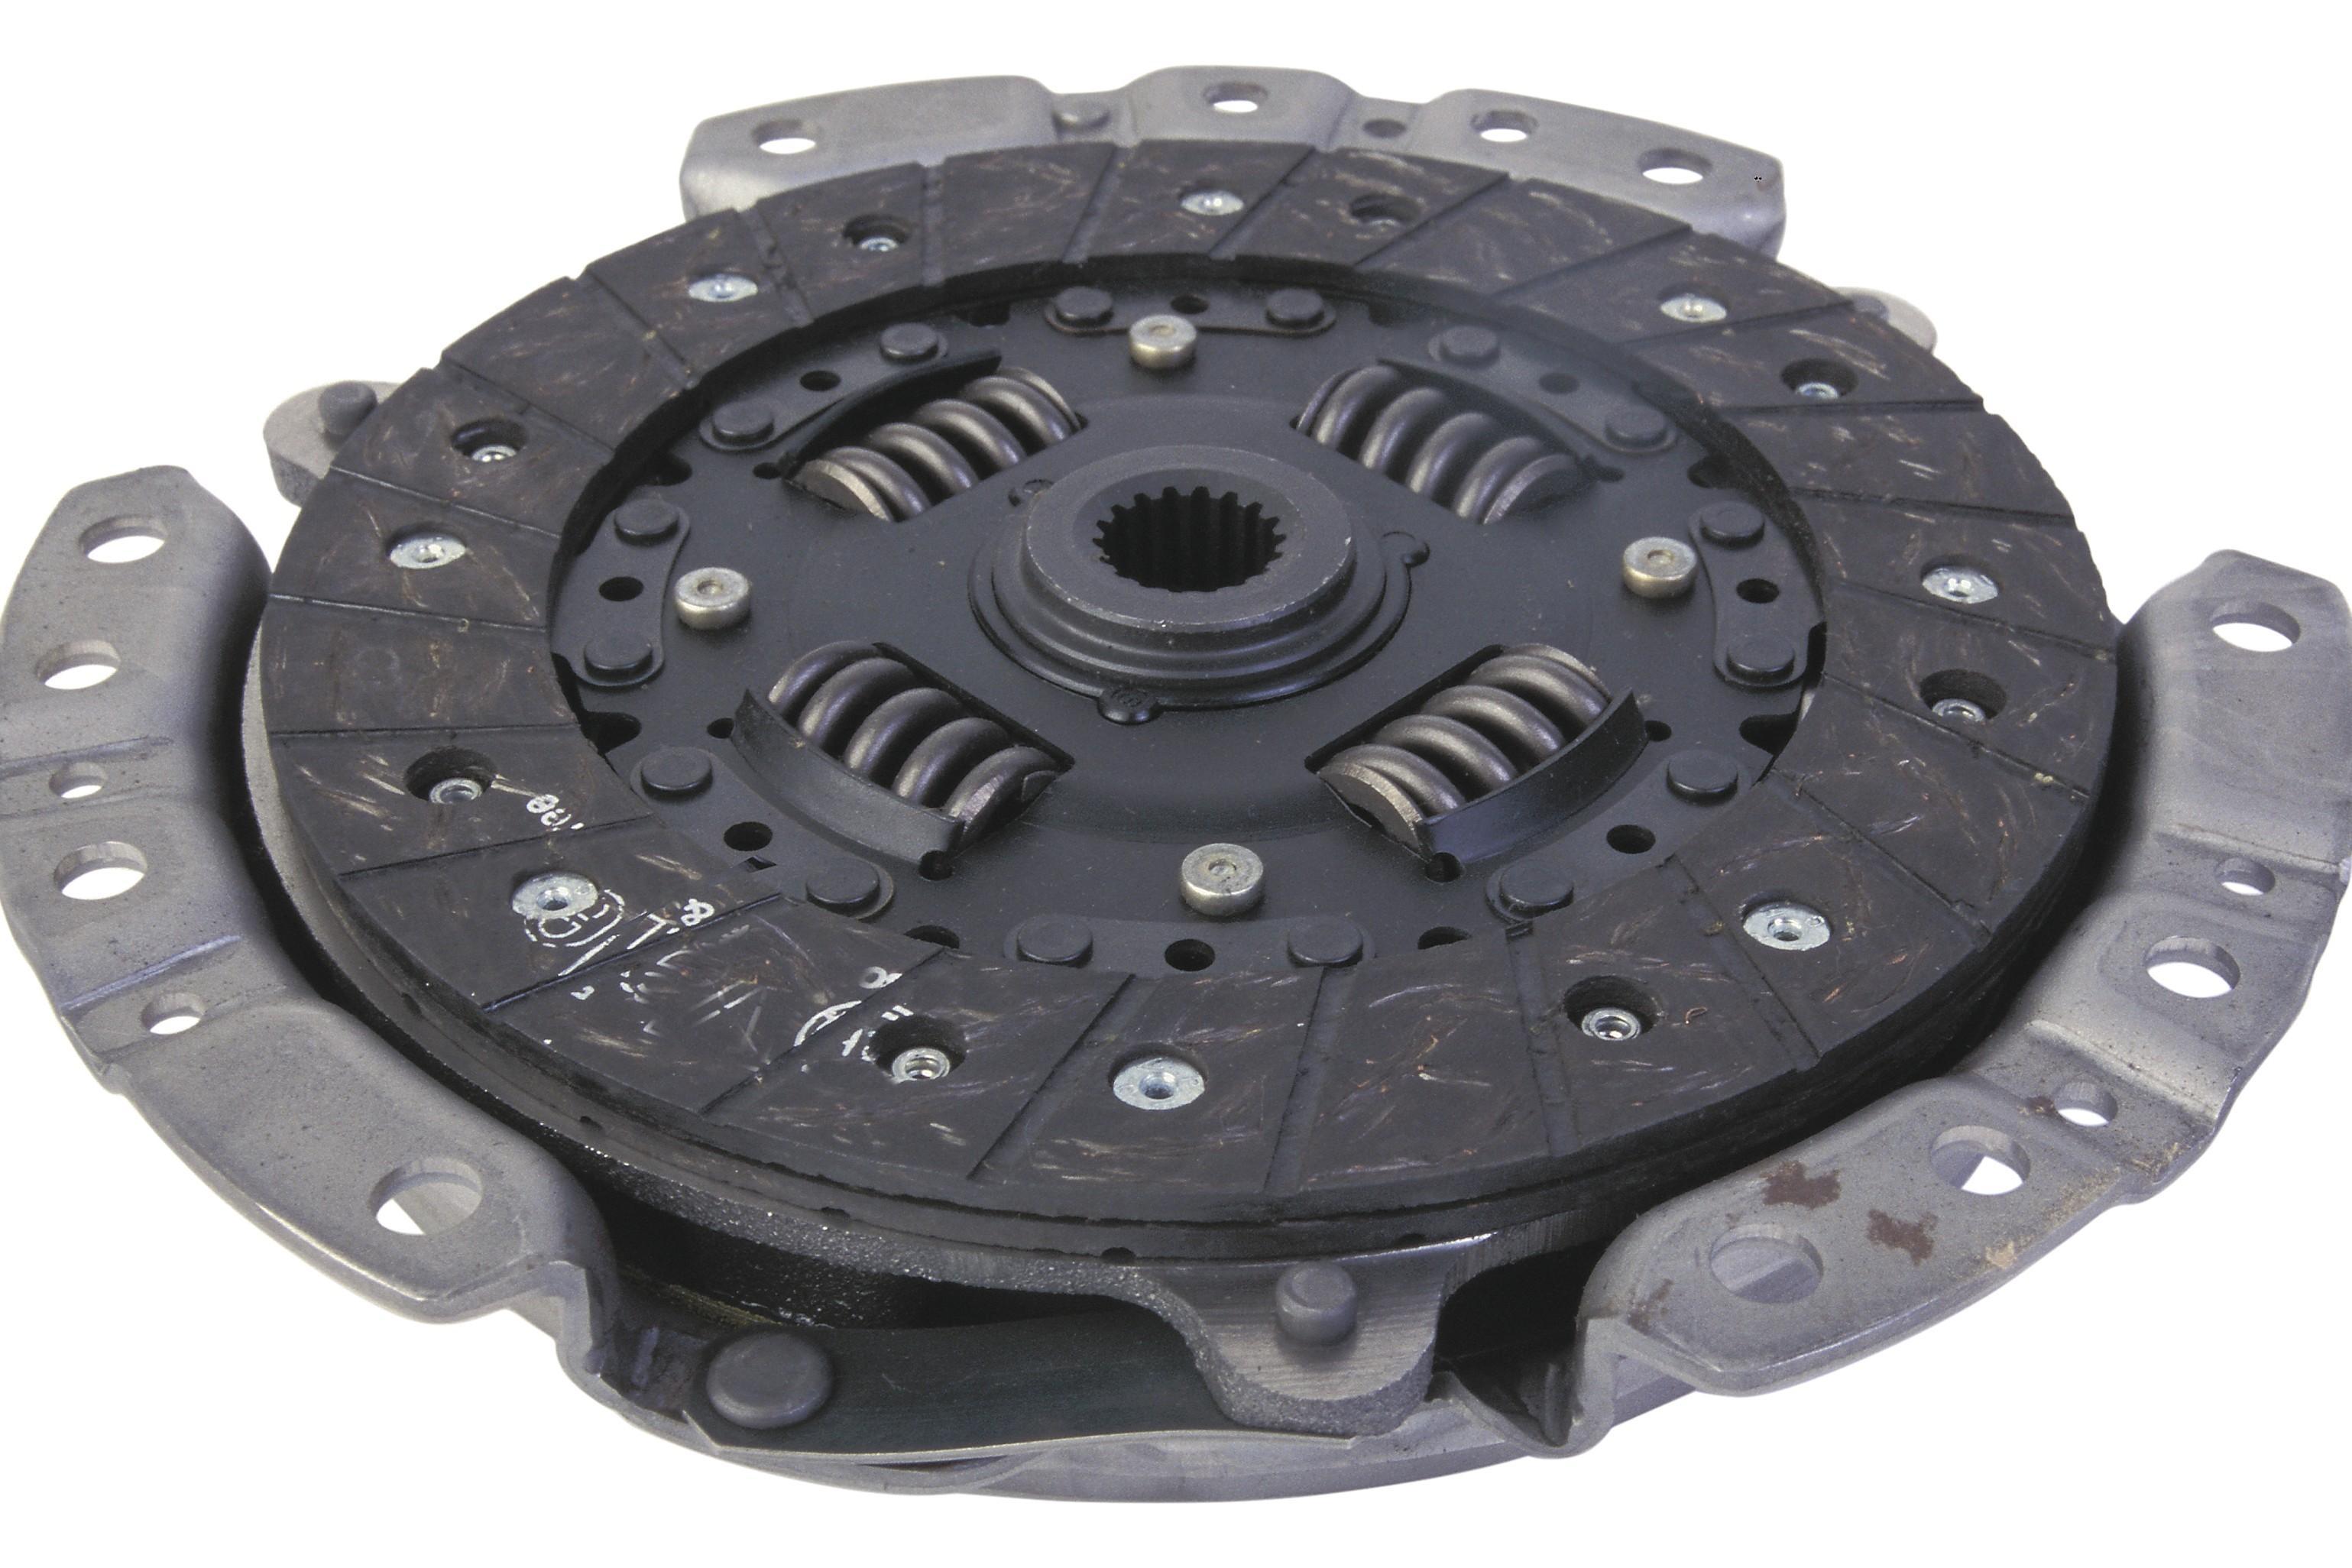 Come cambiare lo spingidisco della frizione auto | Motori ...